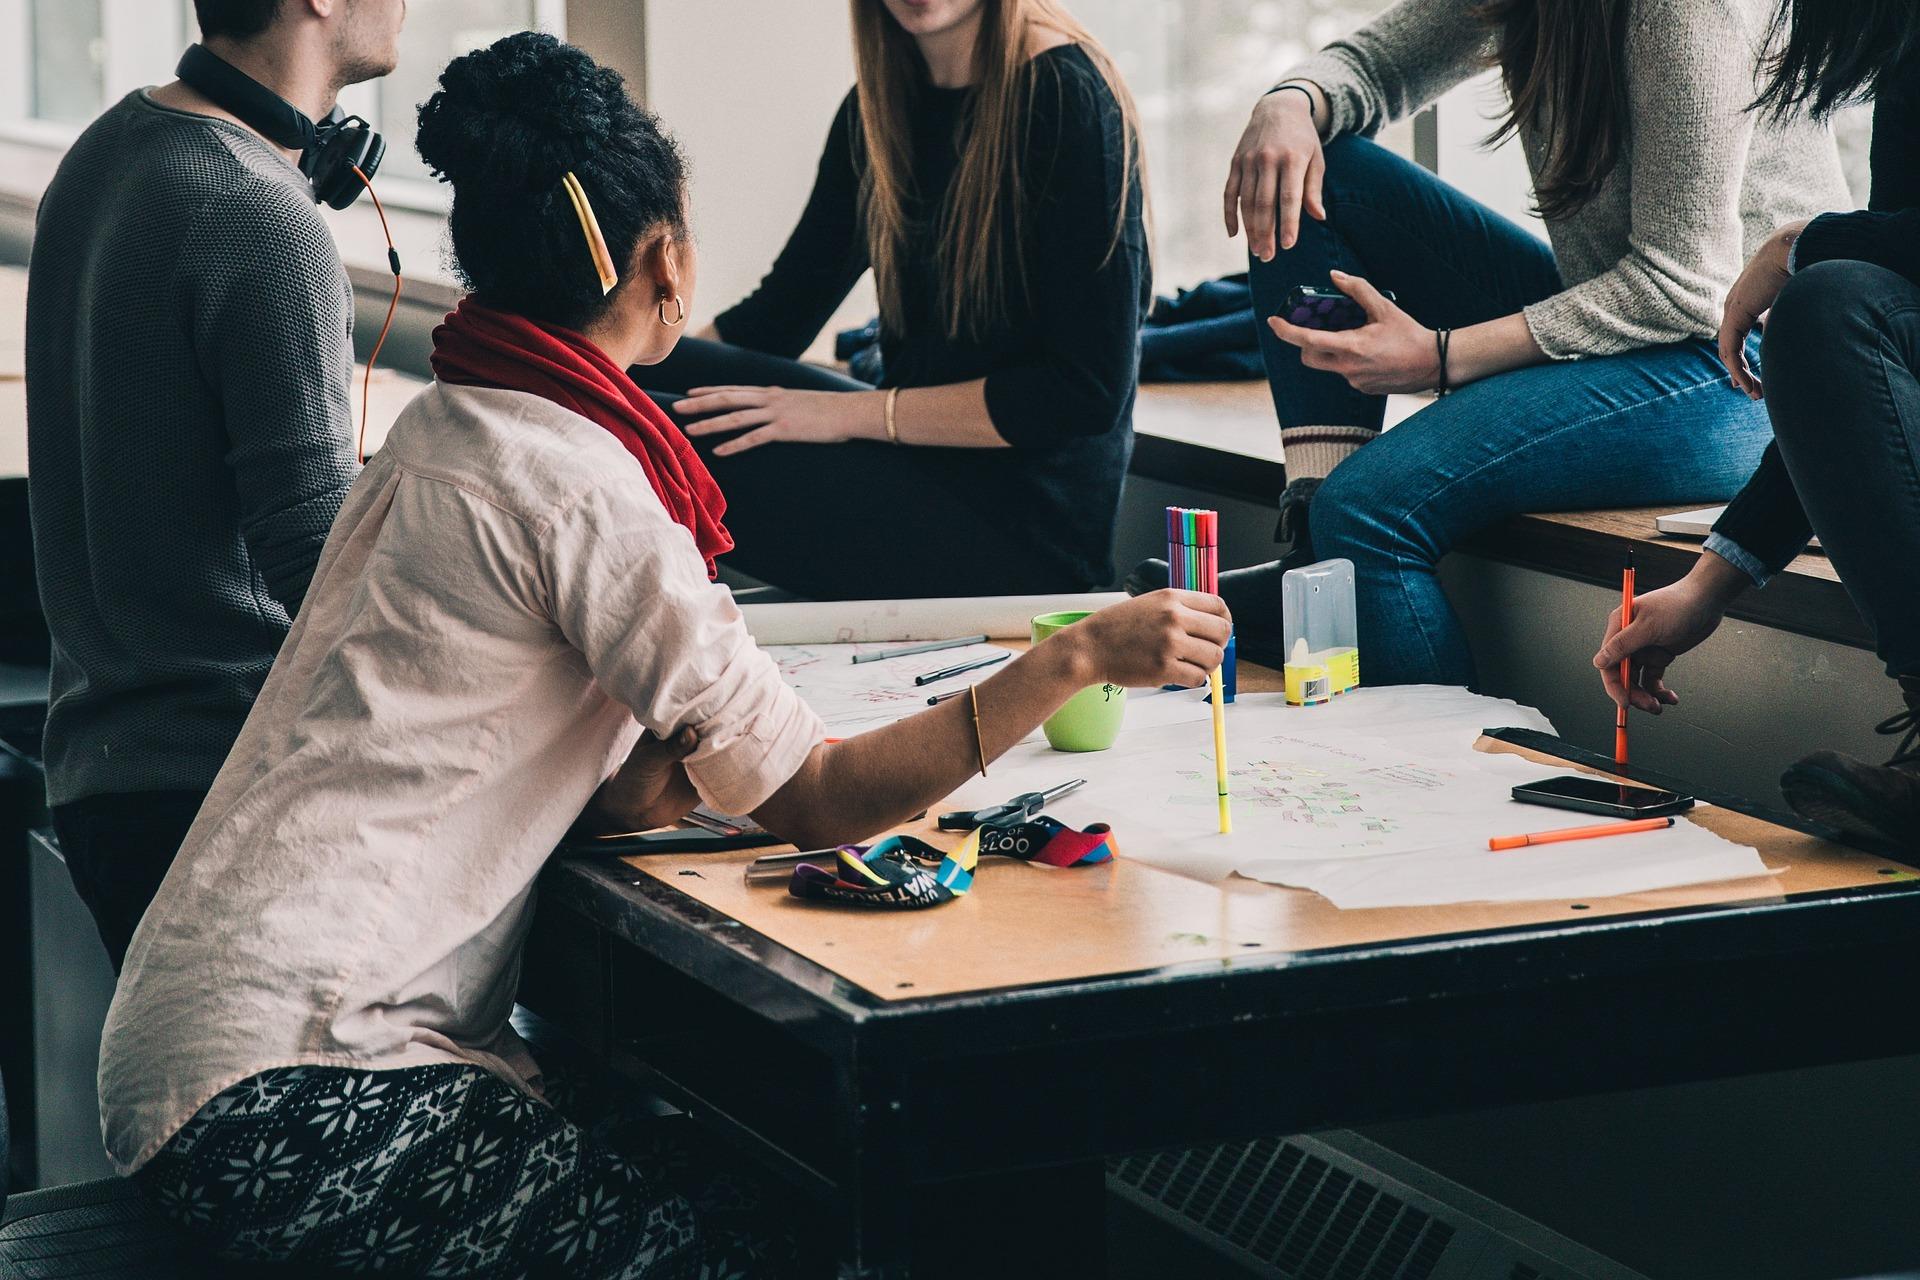 Varios jóvenes trabajando en grupo